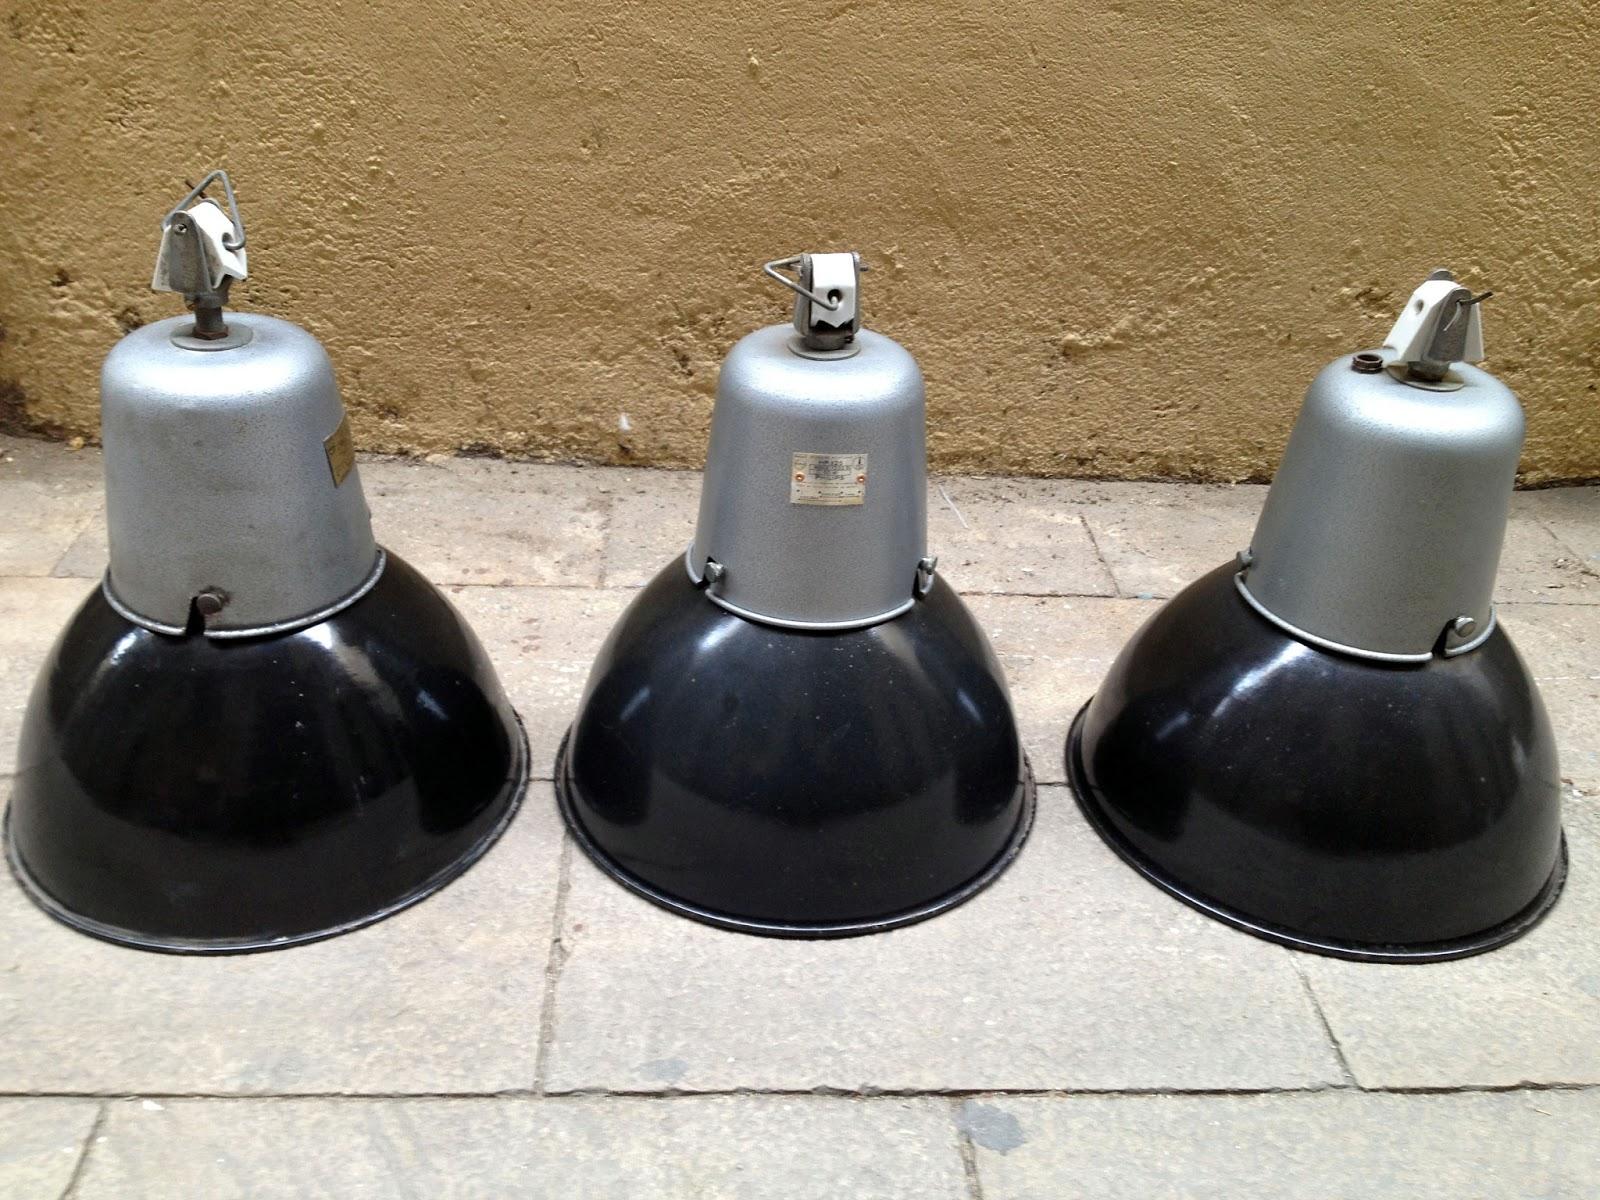 Lamparas De Techo Tipo Industrial Finest Lmpara De Techo Hl With  ~ Lamparas De Techo Estilo Industrial